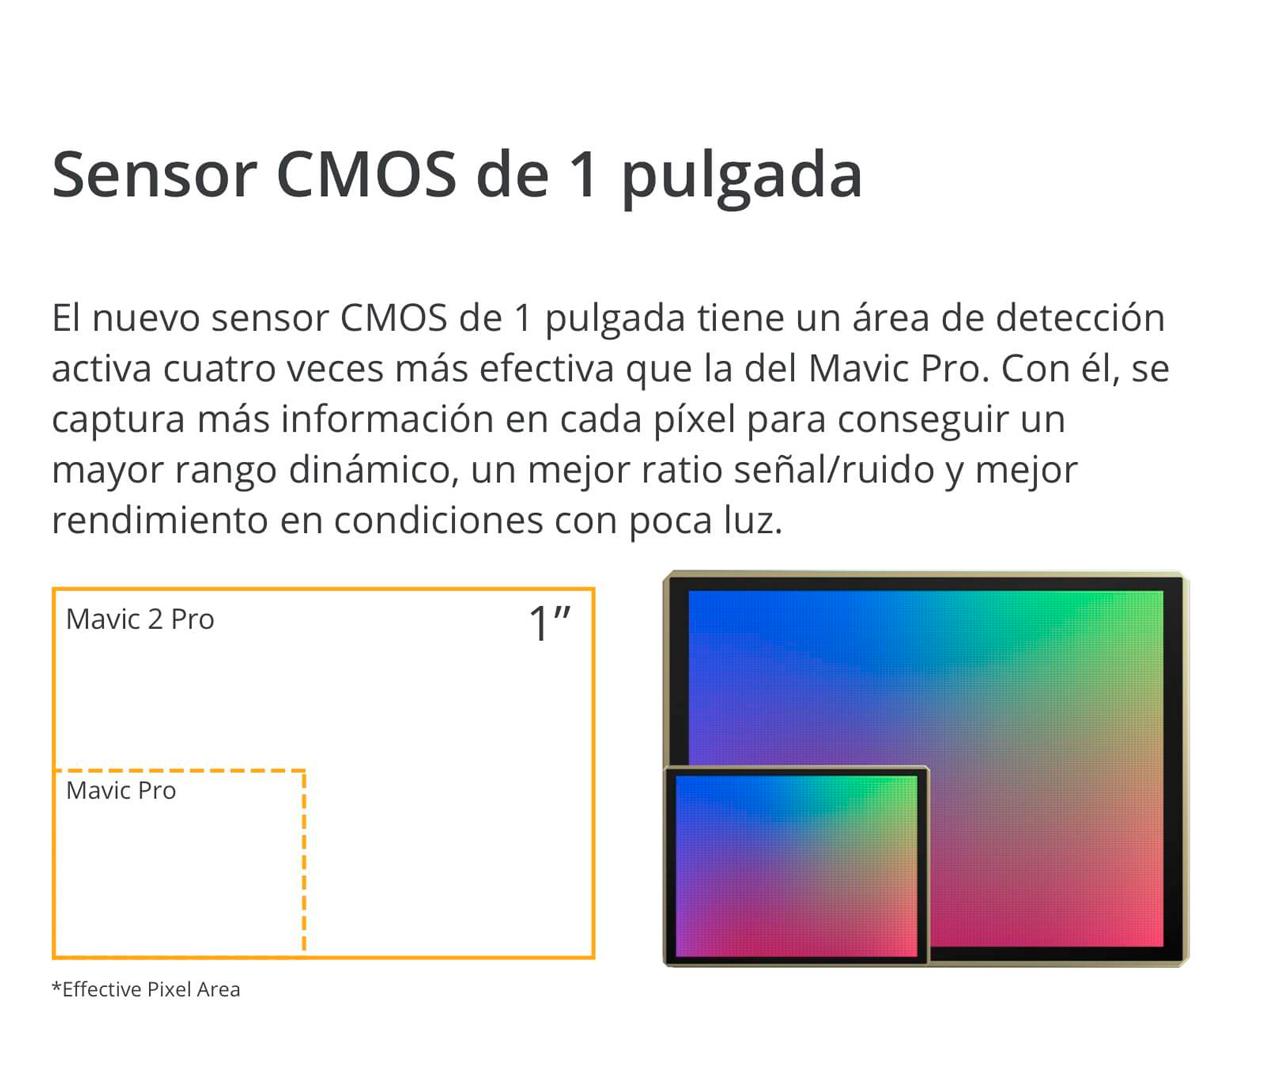 DJI MAVIC 2 PRO - Sensor CMOS de 1 Pulgada